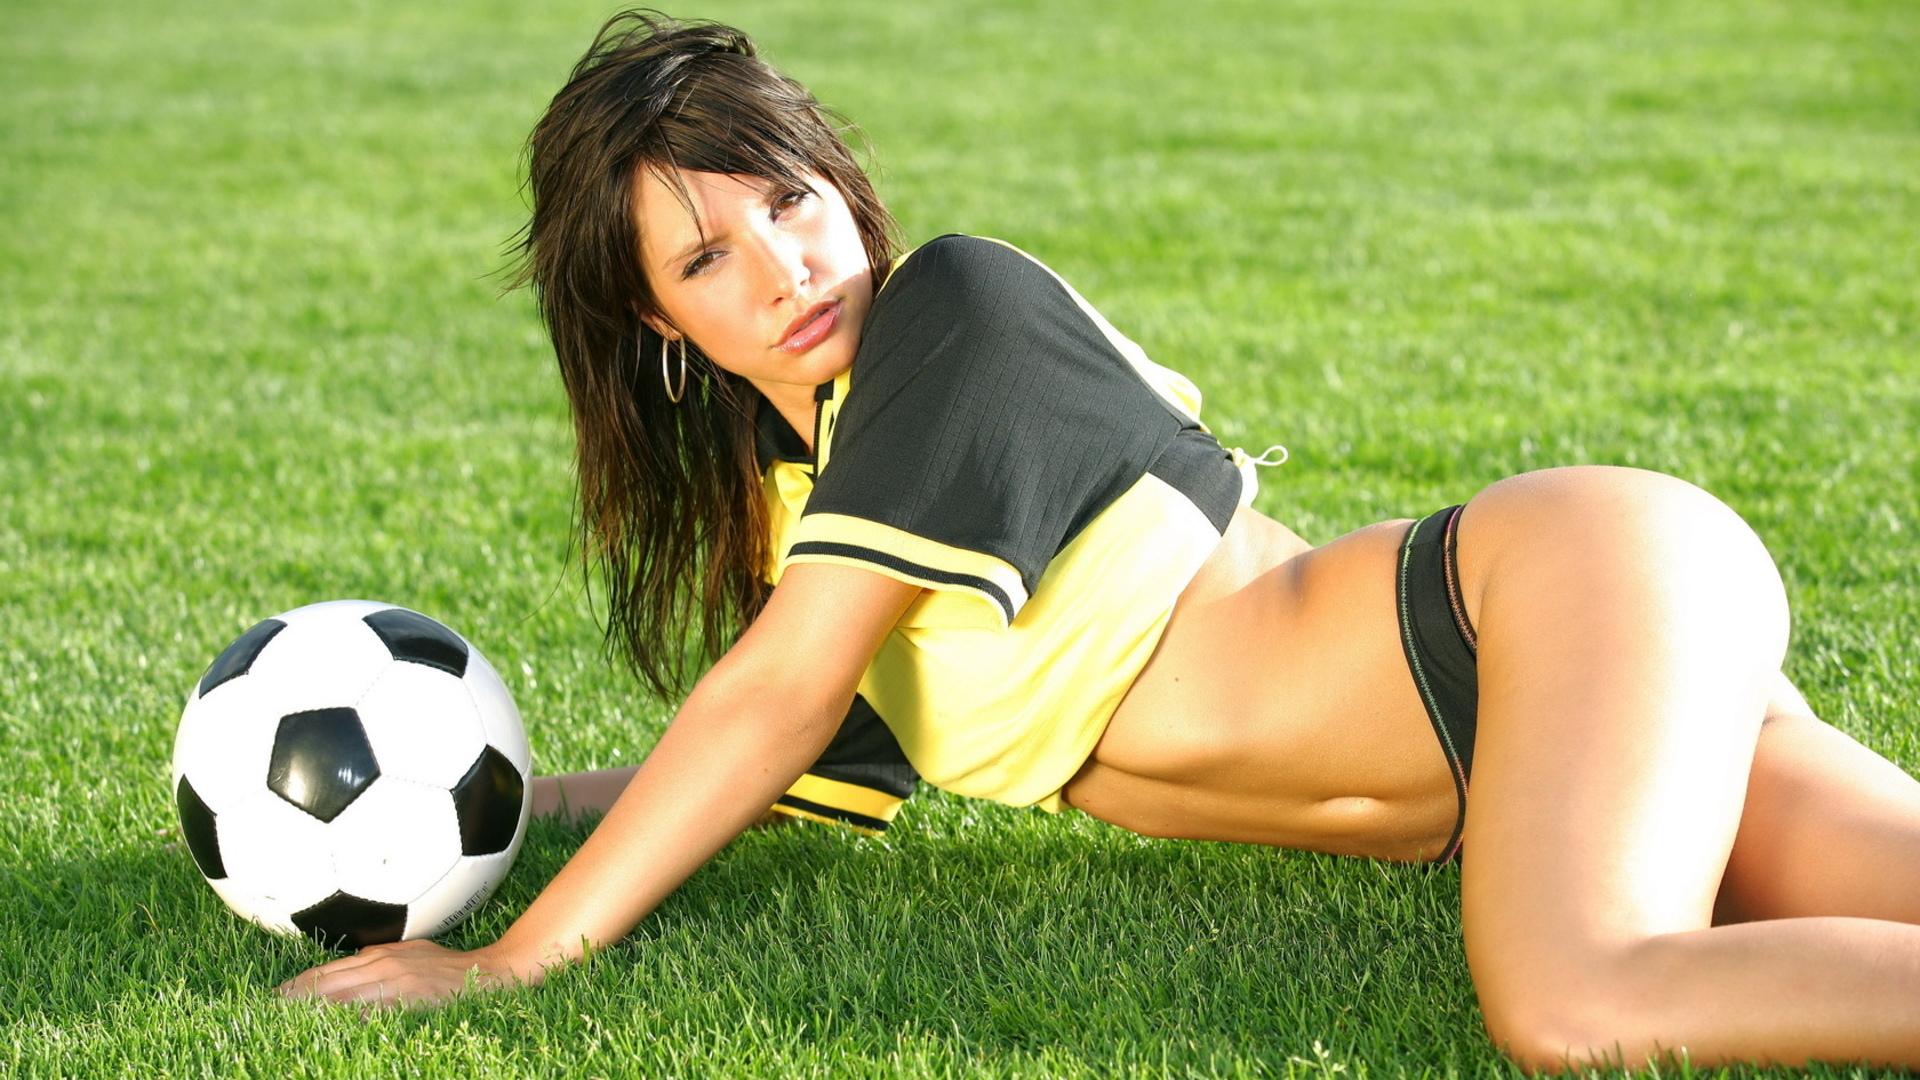 Секс с футболистом смотреть 1 фотография